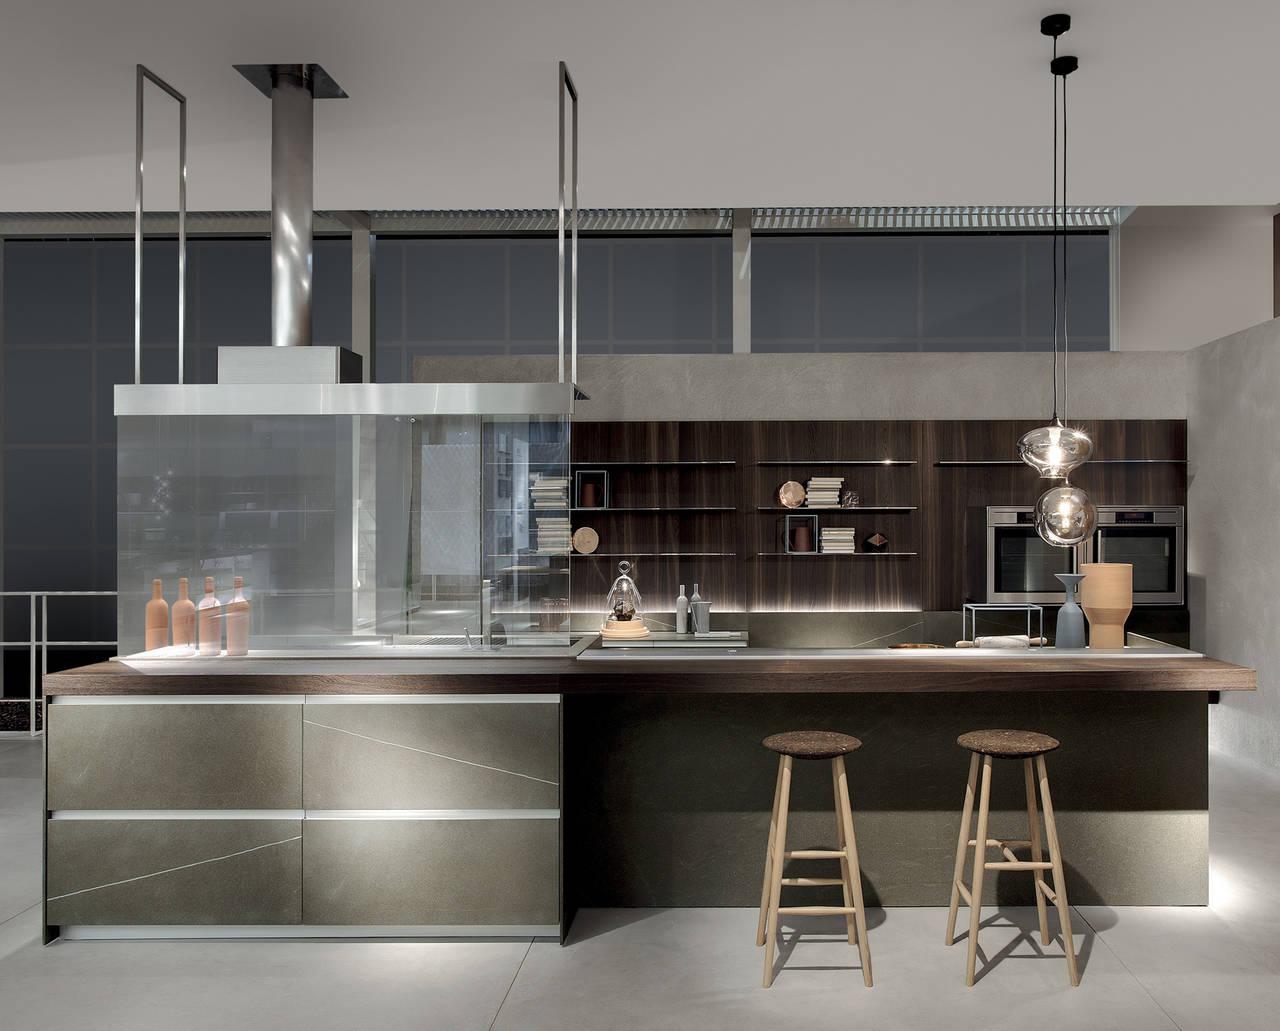 Livingkitchen 2015 focus cucine ambiente cucina - Illuminazione per cucina moderna ...